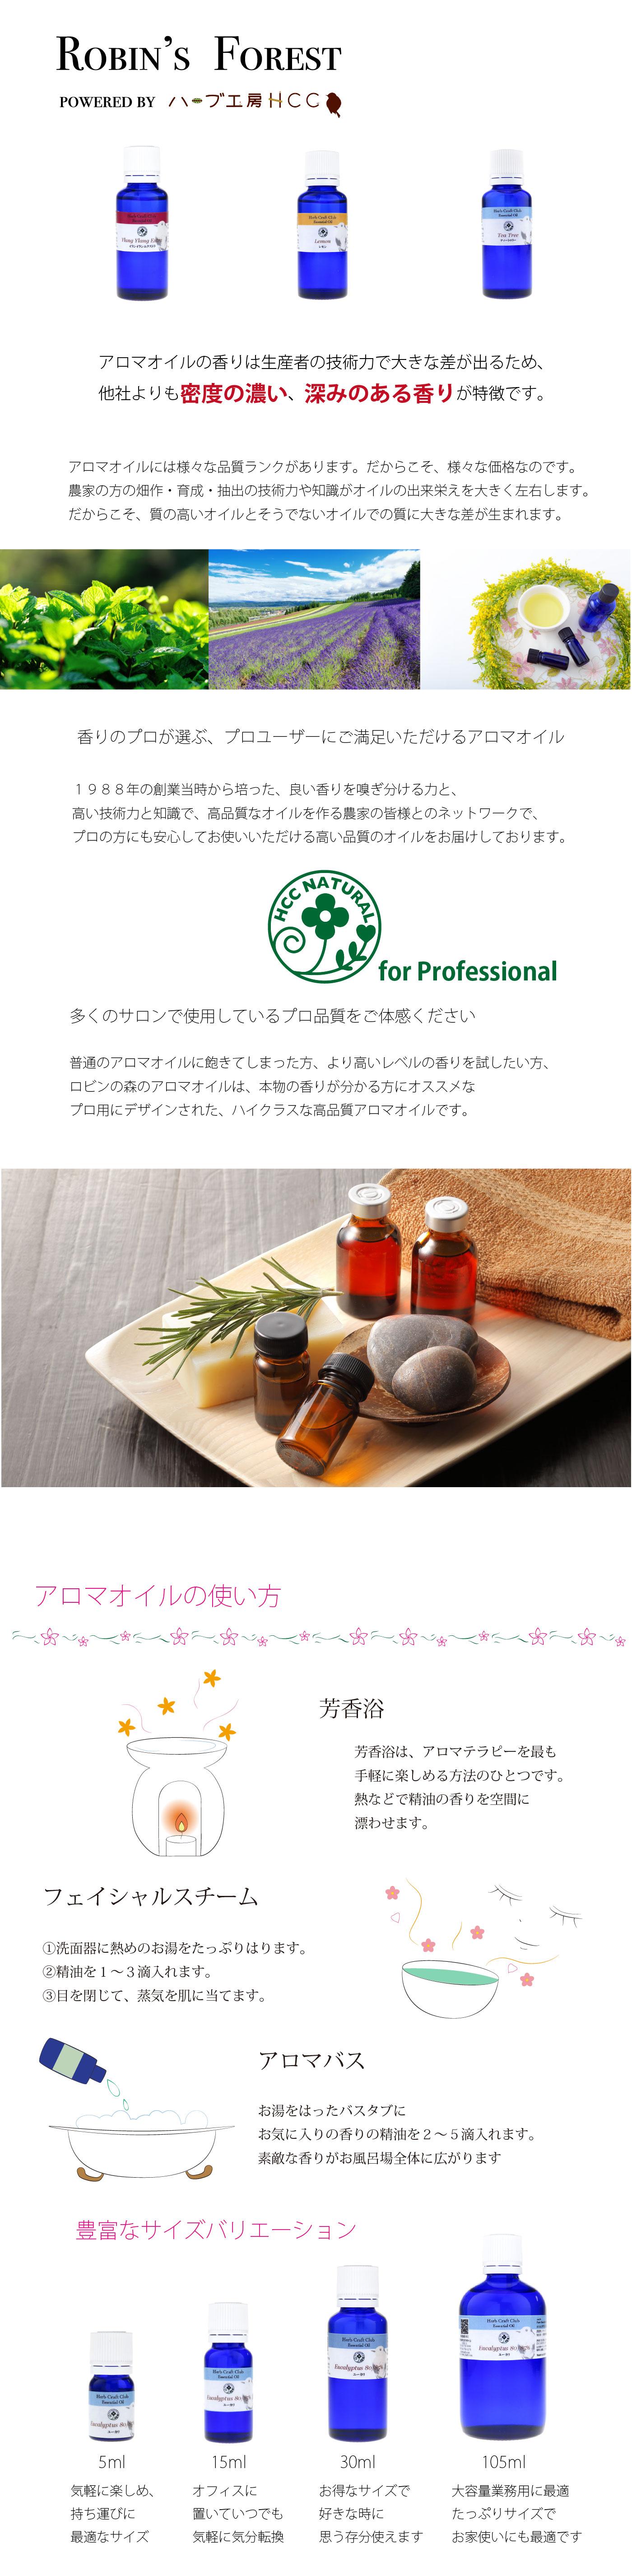 アロマオイルの香りは生産者の技術力で大きな差が出るため、 他社よりも密度の濃い、深みのある香りが特徴です。アロマオイルには様々な品質ランクがあります。だからこそ、様々な価格なのです。 農家の方の畑作・育成・抽出の技術力や知識がオイルの出来栄えを大きく左右します。 だからこそ、質の高いオイルとそうでないオイルでの質に大きな差が生まれます。香りのプロが選ぶ、プロユーザーにご満足いただけるアロマオイル 1988年の創業当時から培った、良い香りを嗅ぎ分ける力と、 高い技術力と知識で、高品質なオイルを作る農家の皆様とのネットワークで、 プロの方にも安心してお使いいただける高い品質のオイルをお届けしております。多くのサロンで使用しているプロ品質をご体感ください 普通のアロマオイルに飽きてしまった方、より高いレベルの香りを試したい方、 ロビンの森のアロマオイルは、本物の香りが分かる方にオススメな プロ用にデザインされた、ハイクラスな高品質アロマオイルです。アロマオイルの使い方 芳香浴 芳香浴は、アロマテラピーを最も 手軽に楽しめる方法のひとつです。 熱などで精油の香りを空間に 漂わせます。フェイシャルスチーム 〓洗面器に熱めのお湯をたっぷりはります。 精油を1から3滴入れます。 目を閉じて、蒸気を肌に当てます。  アロマバス お湯をはったバスタブに お気に入りの香りの精油を2から5滴入れます。 素敵な香りがお風呂場全体に広がります 豊富なバリエーション  5ml 気軽に楽しめ、 持ち運びに 最適なサイズ 15ml オフィスに 置いていつでも 気軽に気分転換 30ml お得なサイズで 好きな時に 思う存分使えます 105ml 大容量業務用に最適 たっぷりサイズで お家使いにも最適です